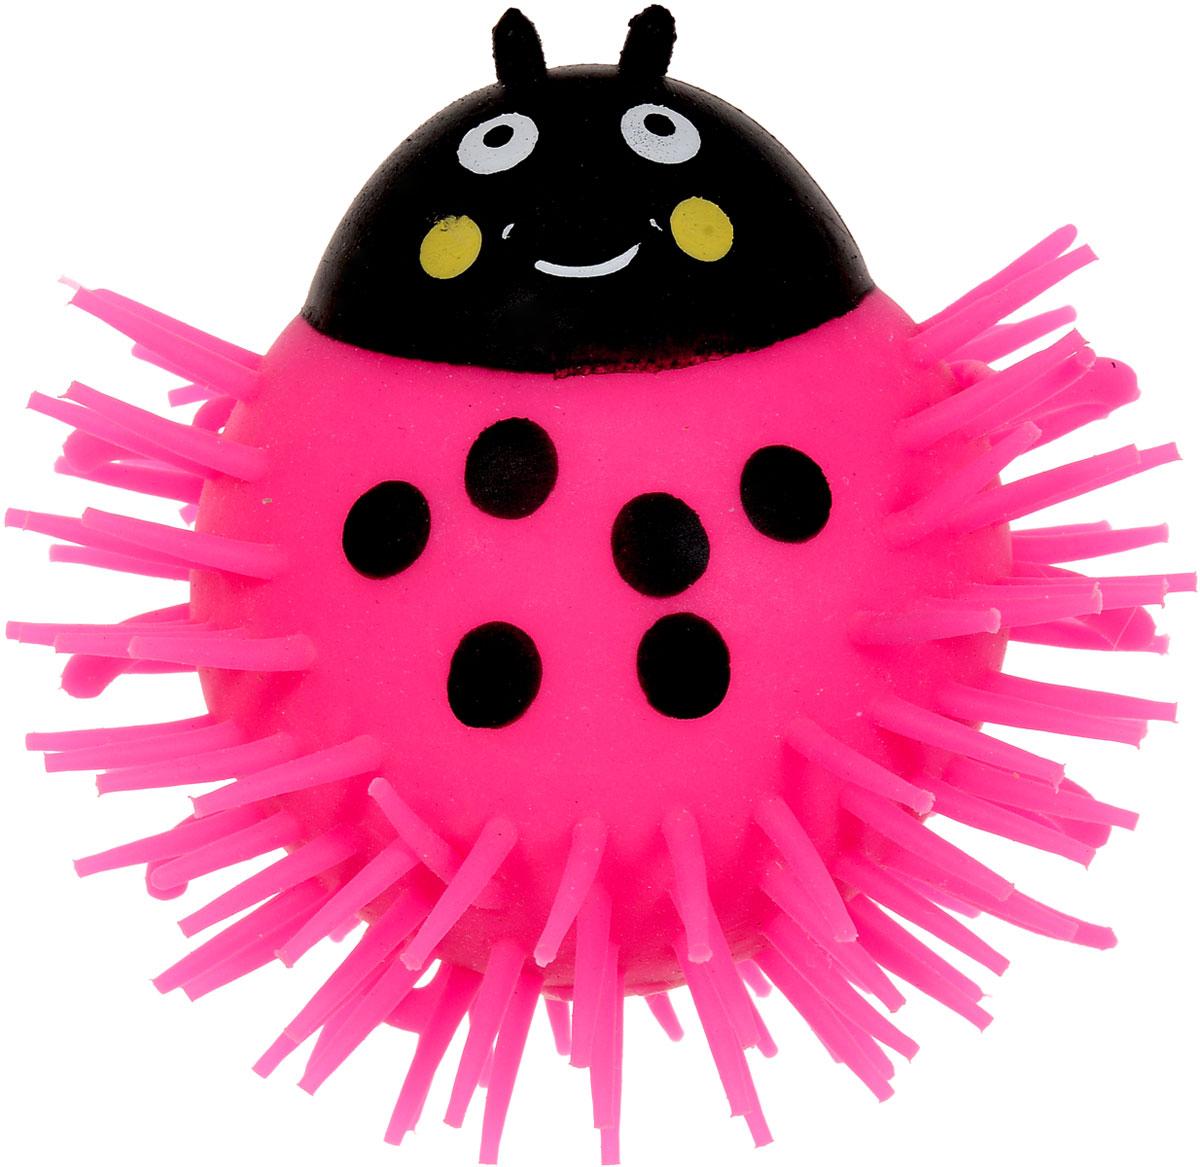 1TOY Игрушка-антистресс Ё-Ёжик Жук цвет розовый 1toy игрушка антистресс ё ёжик инопланетянин одноглазый цвет оранжевый